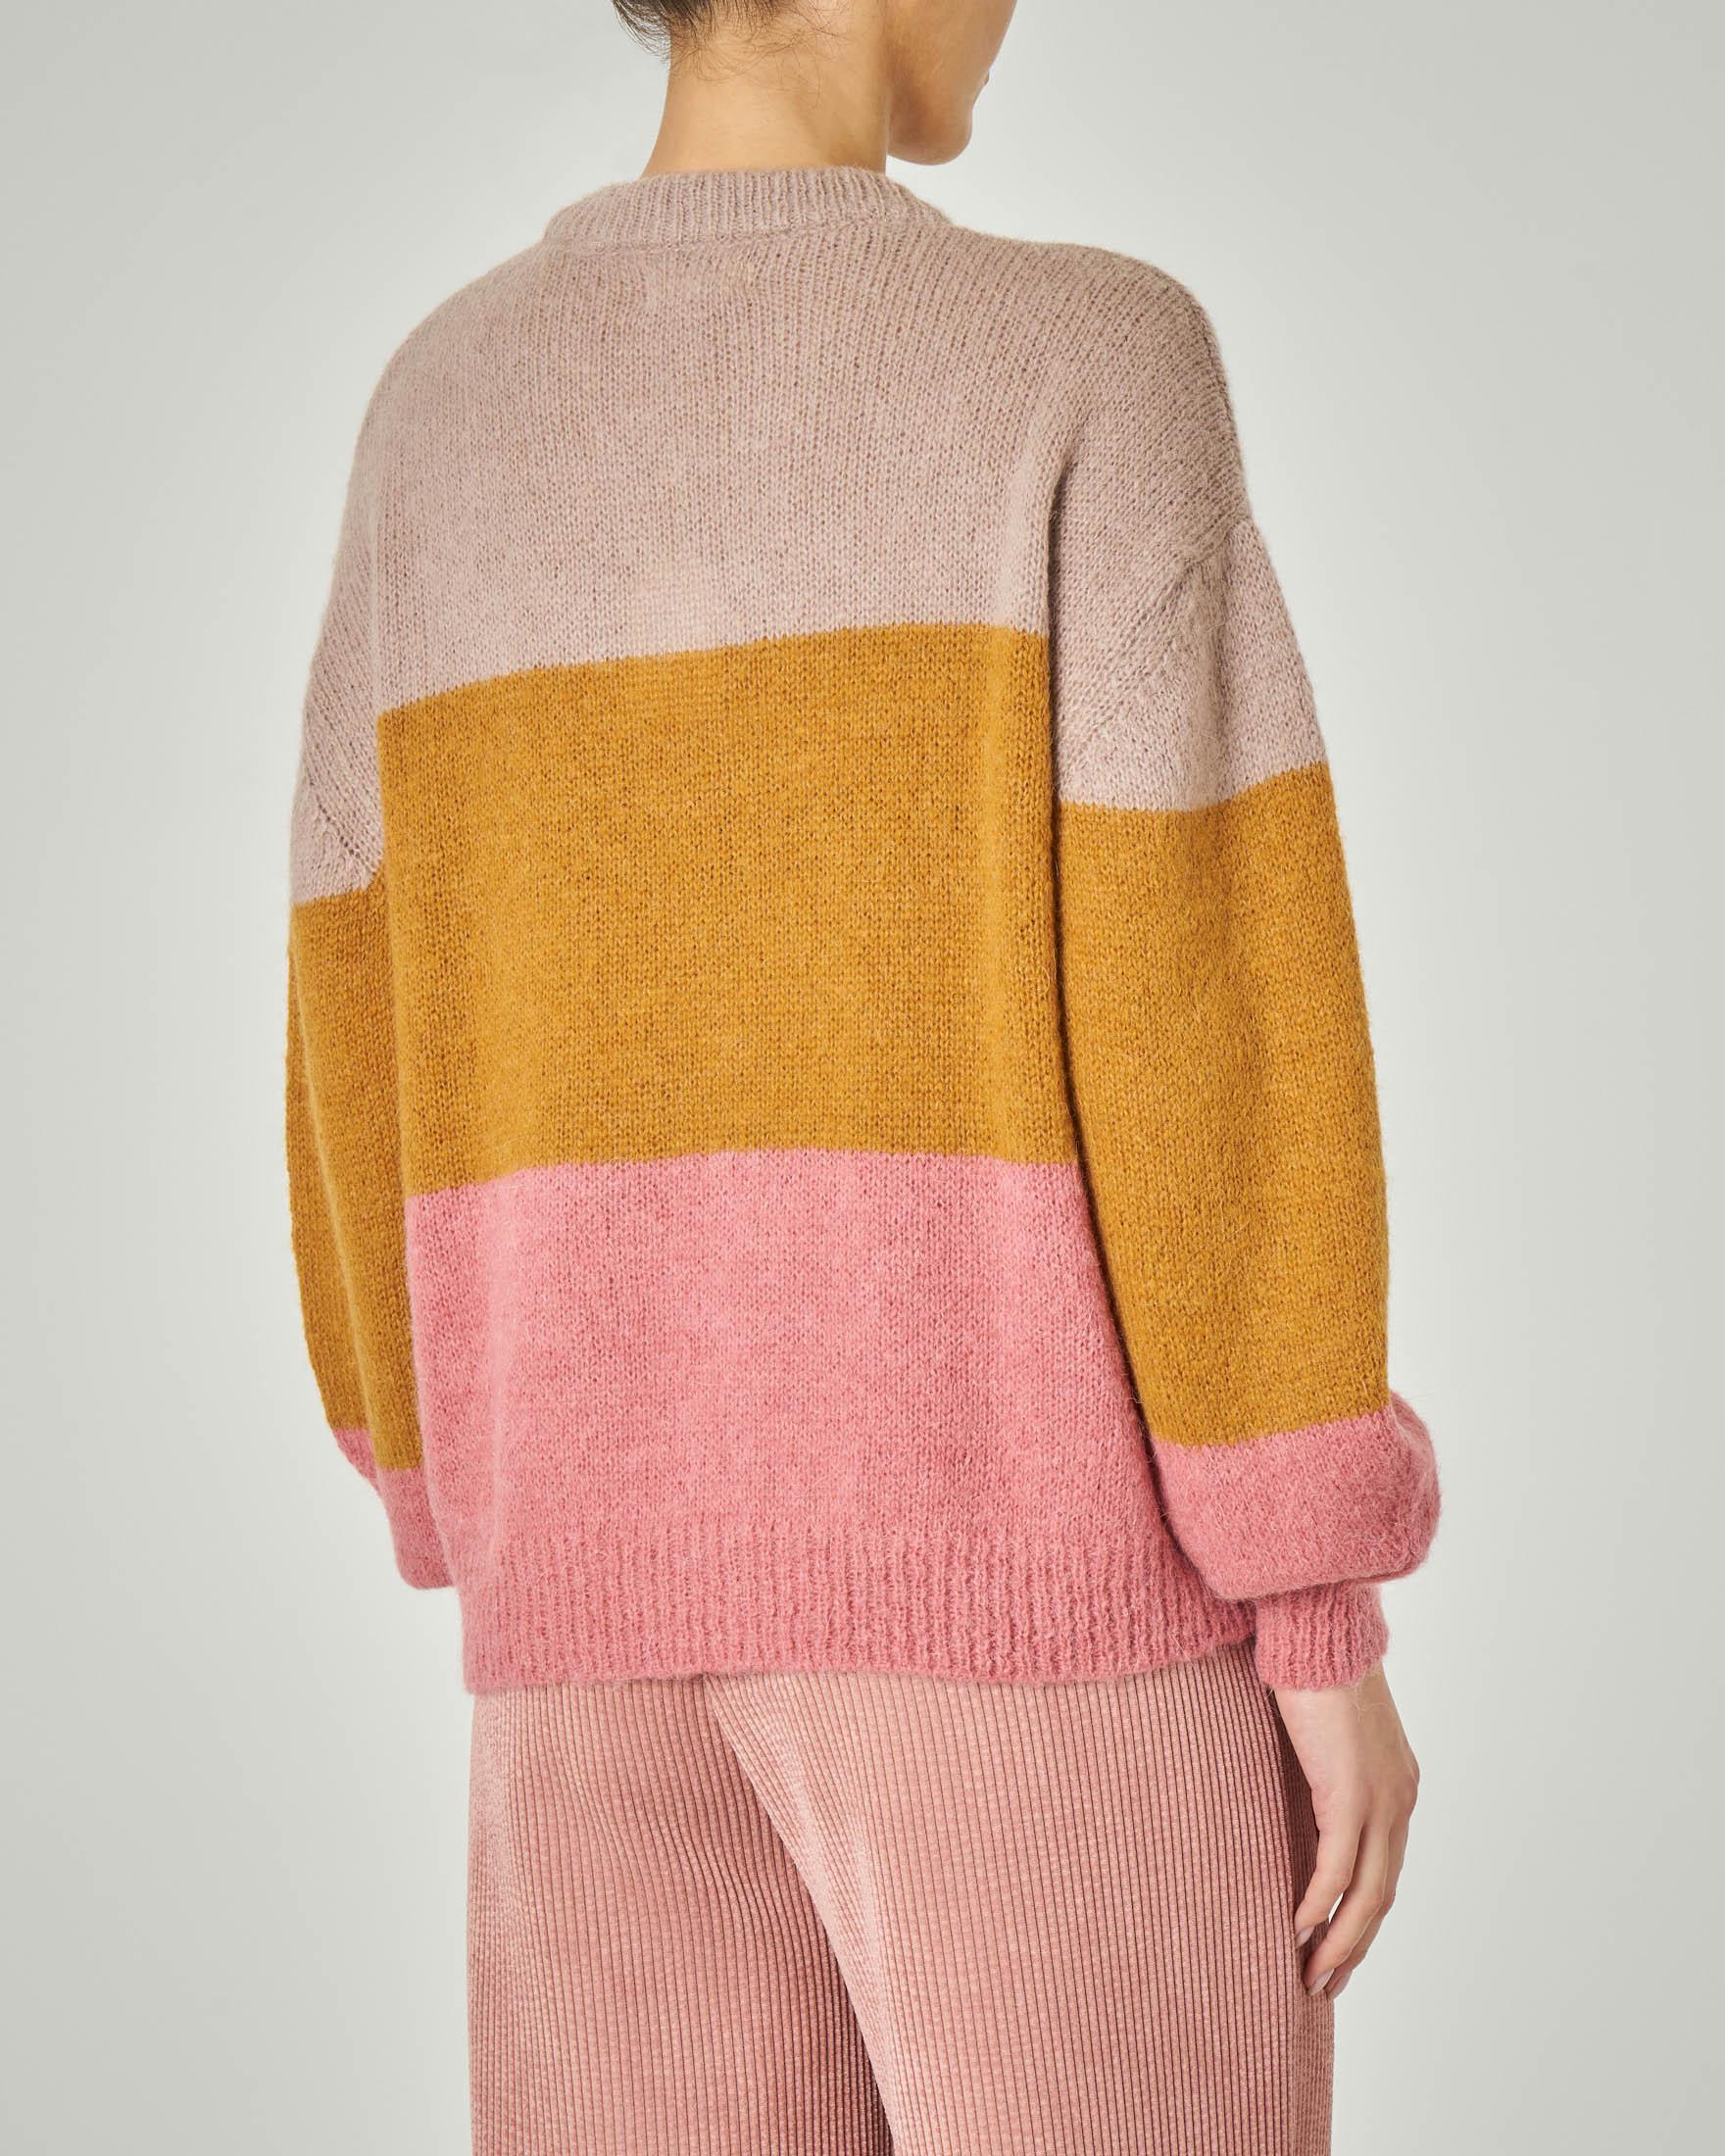 Maglia girocollo in misto alpaca a blocchi di colore con maniche ampie